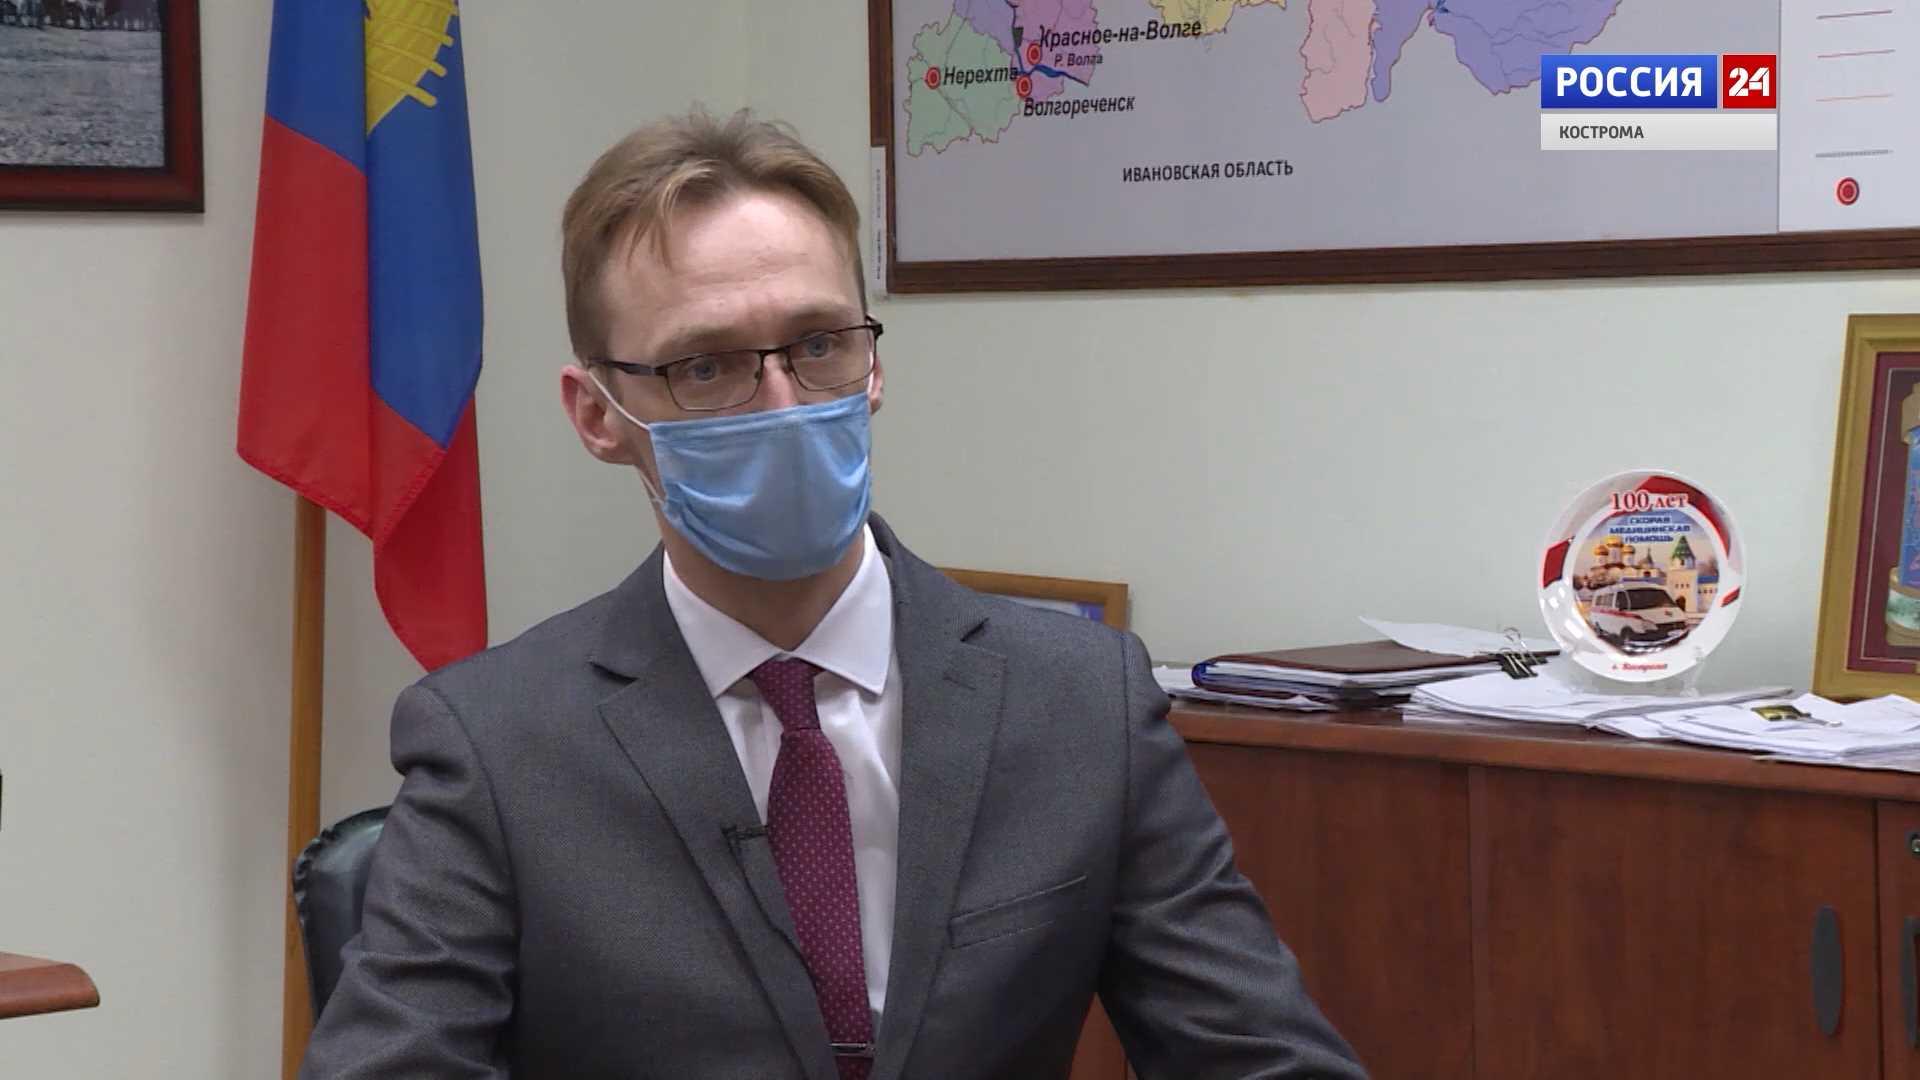 Более тысячи жителей Костромской области привились от коронавируса